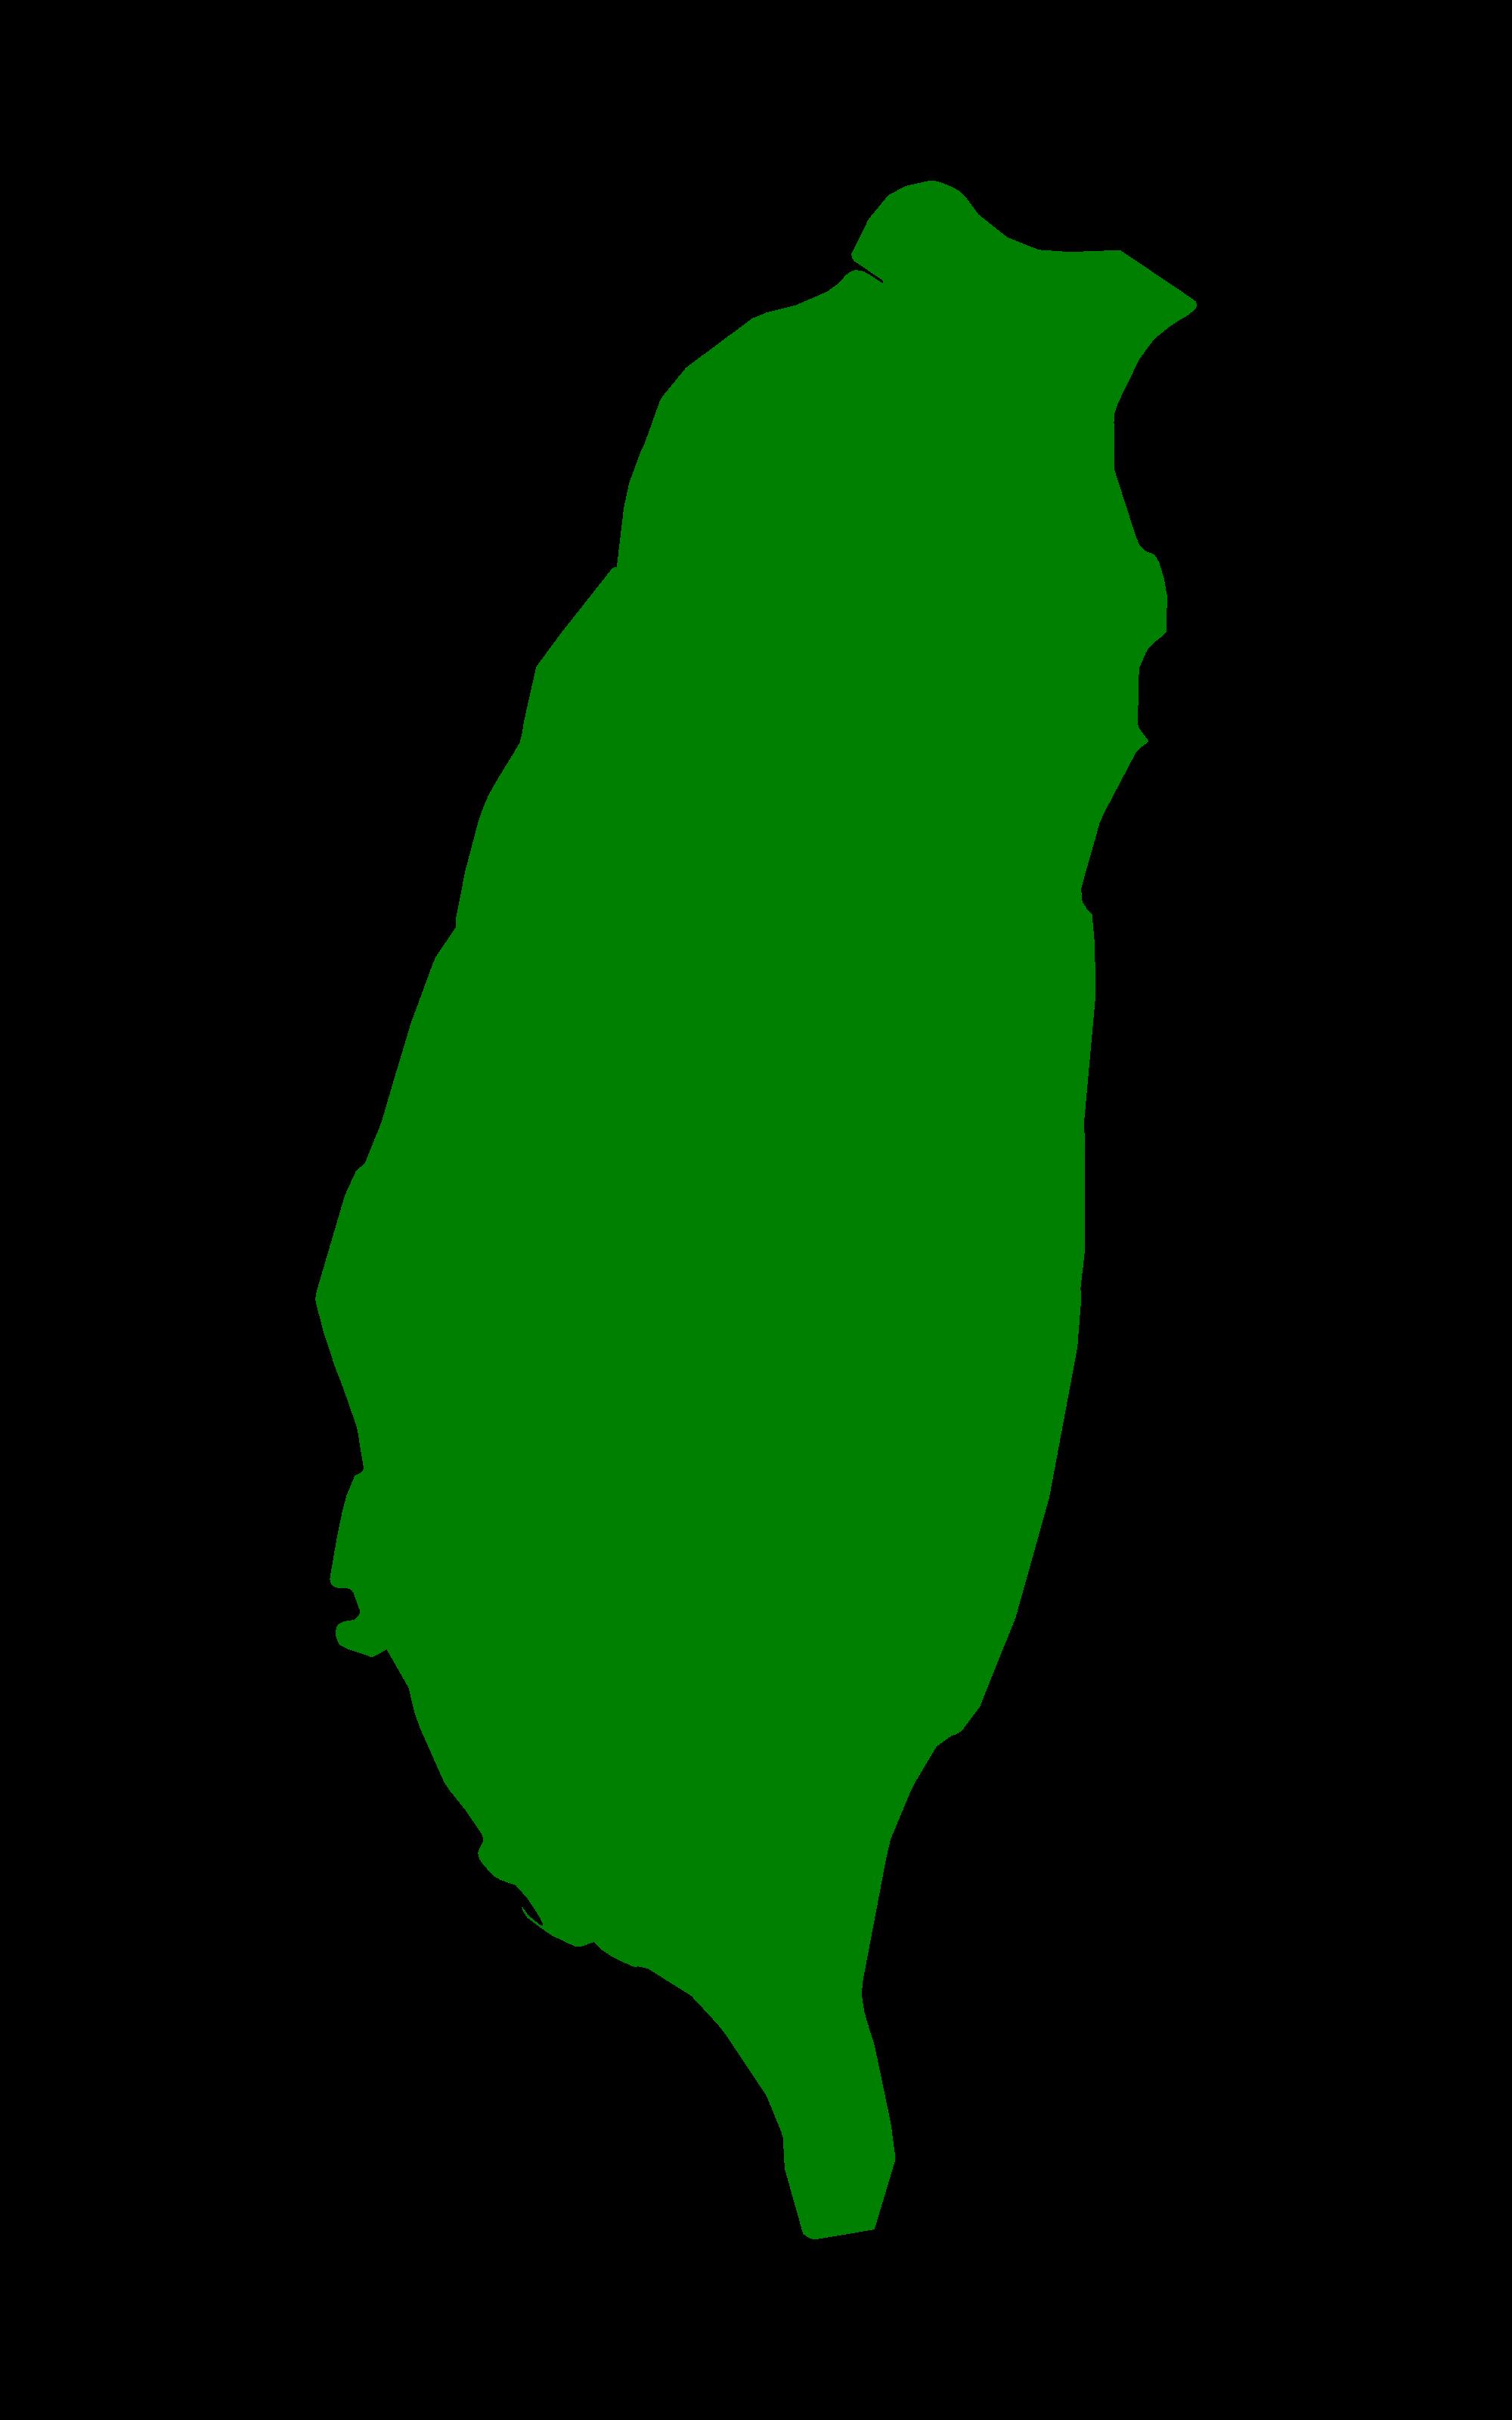 Taiwan PNG Transparent Taiwan.PNG Images..